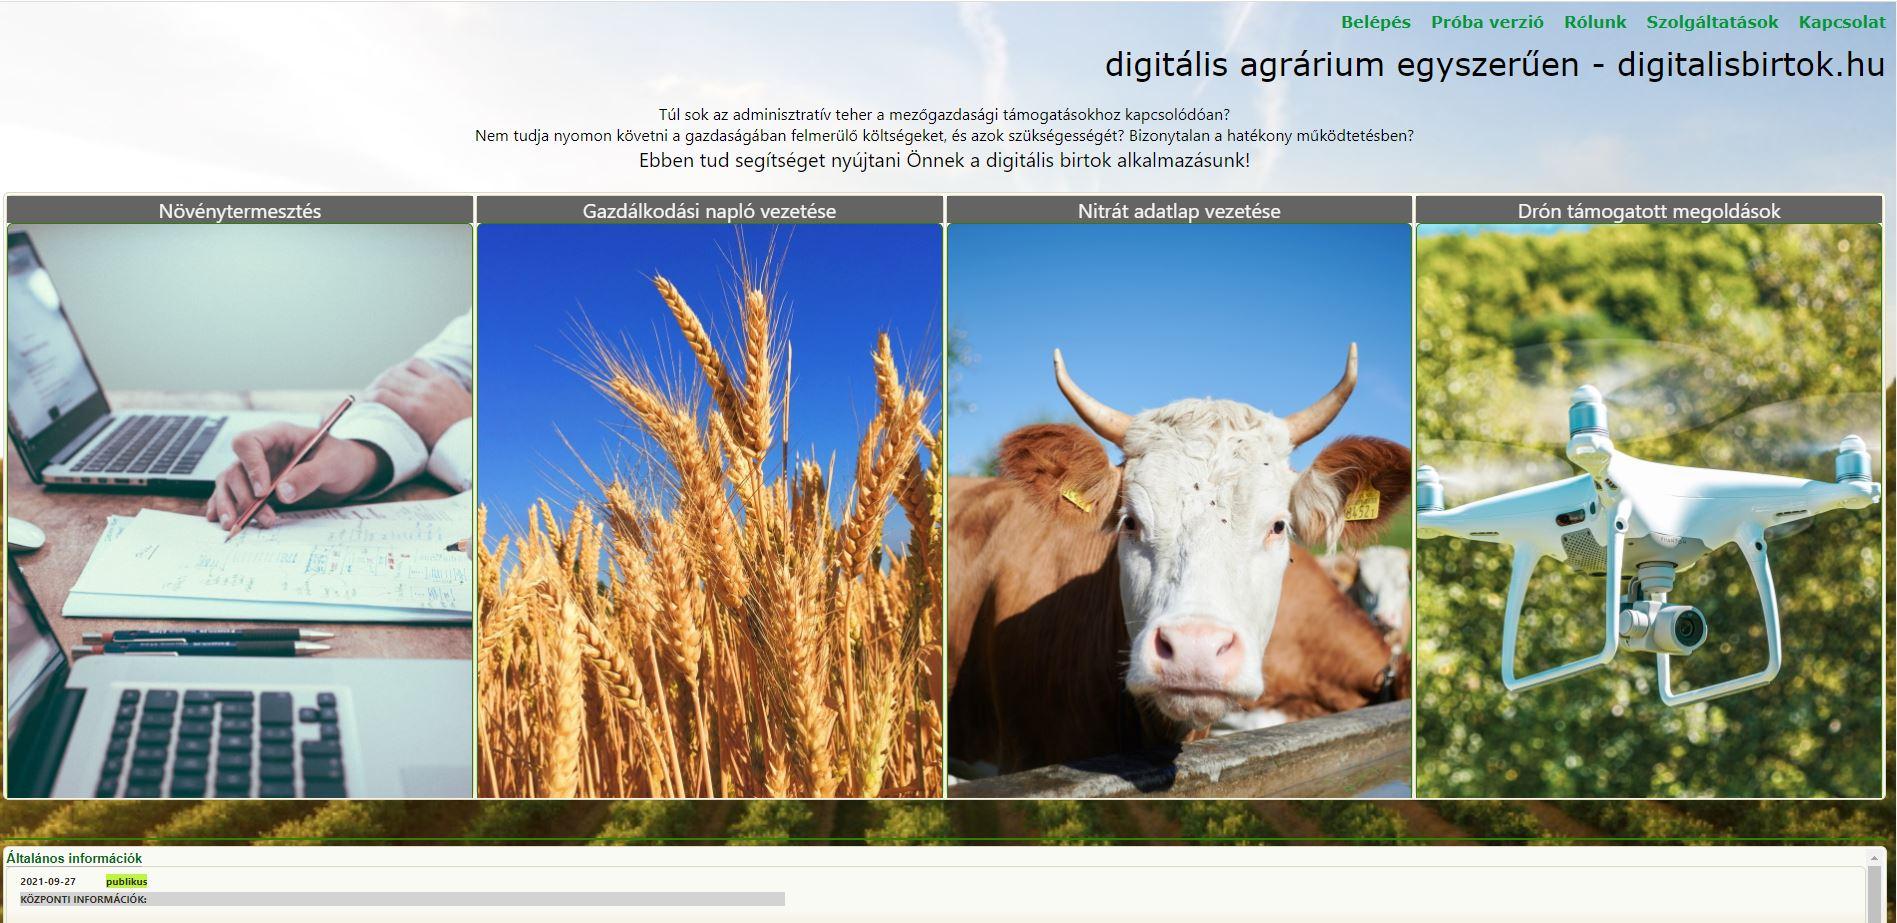 E-nyilvántartás növénytermesztés, gazdálkodási napló, nitrát adatlap, drón monitoring